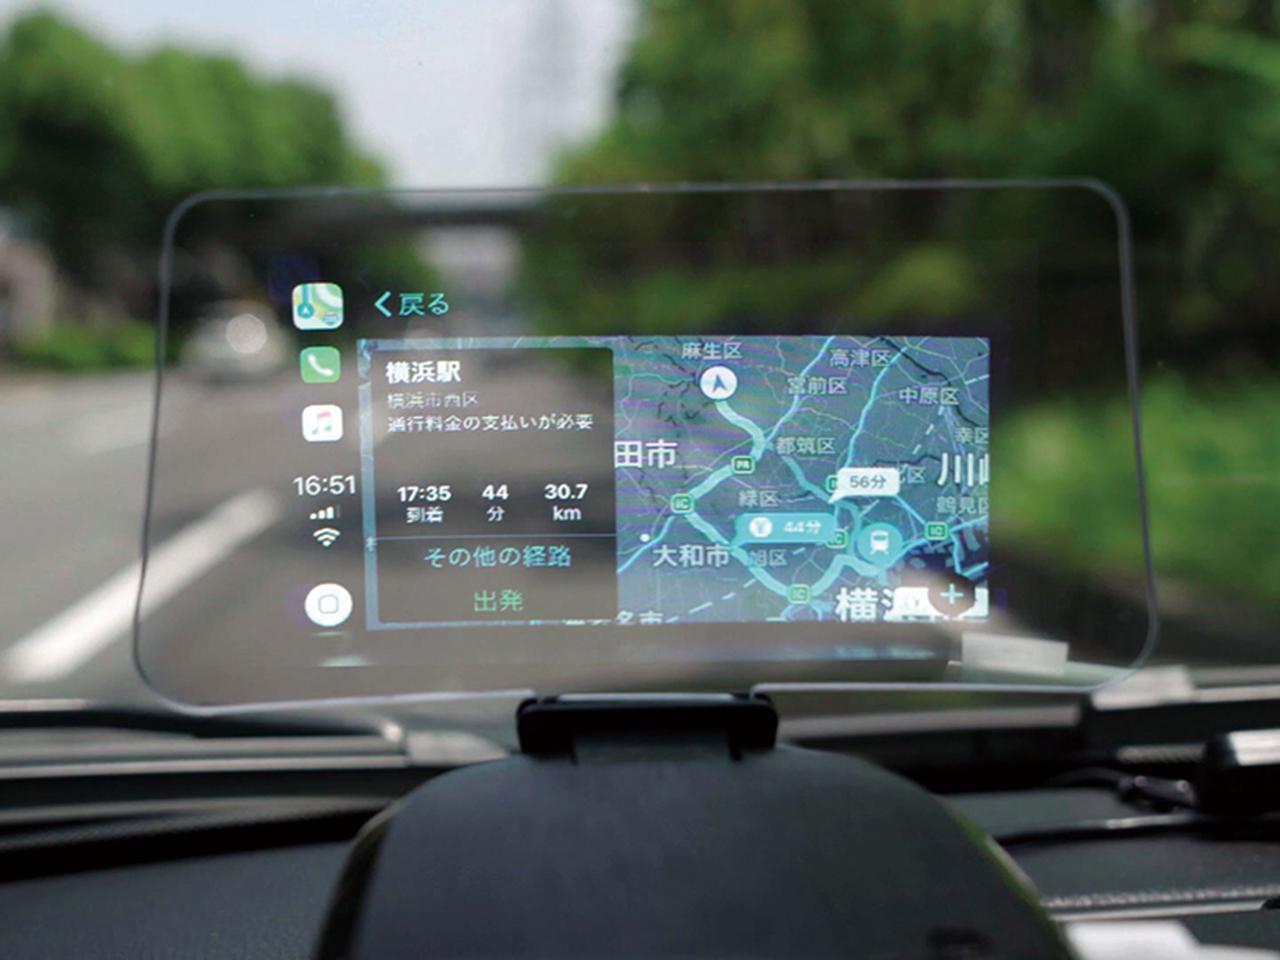 画像: 地図アプリのほか、音楽アプリや通話などの操作も、音声アシスタントを使って指示することができる。